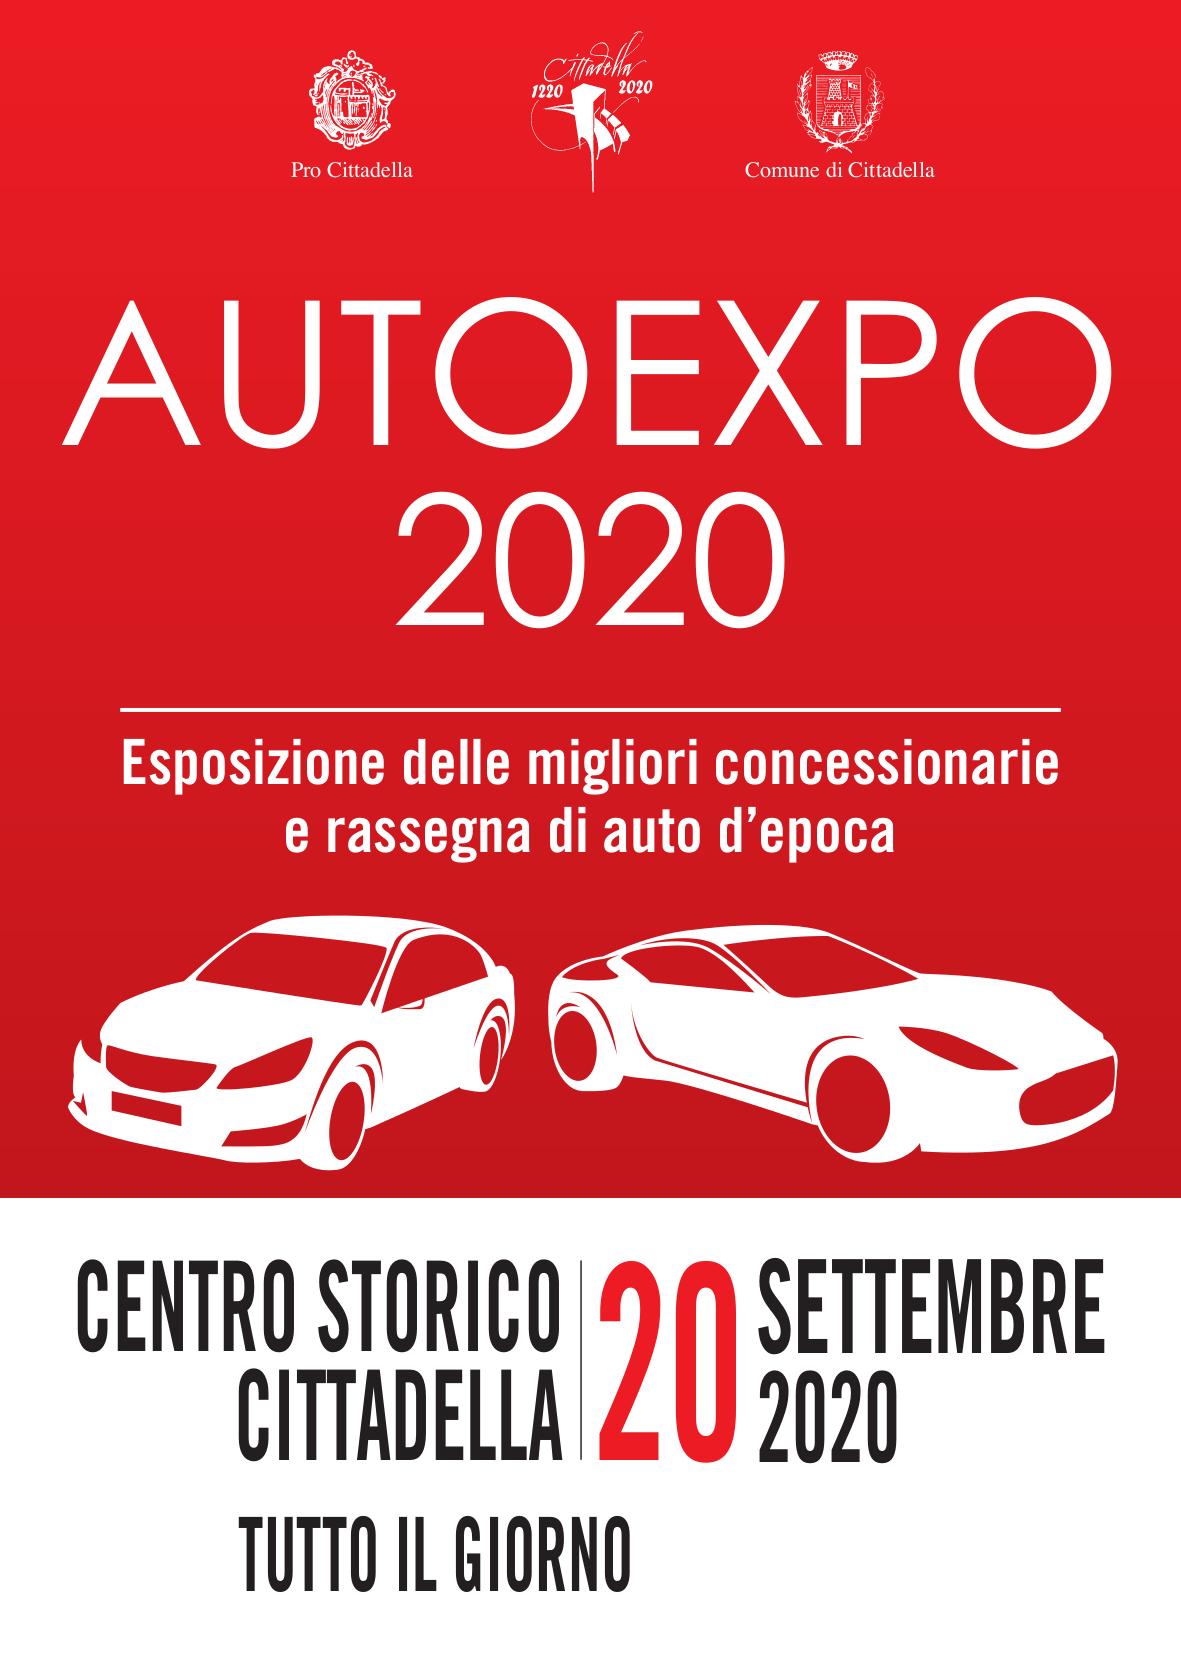 Auto Expo 2020